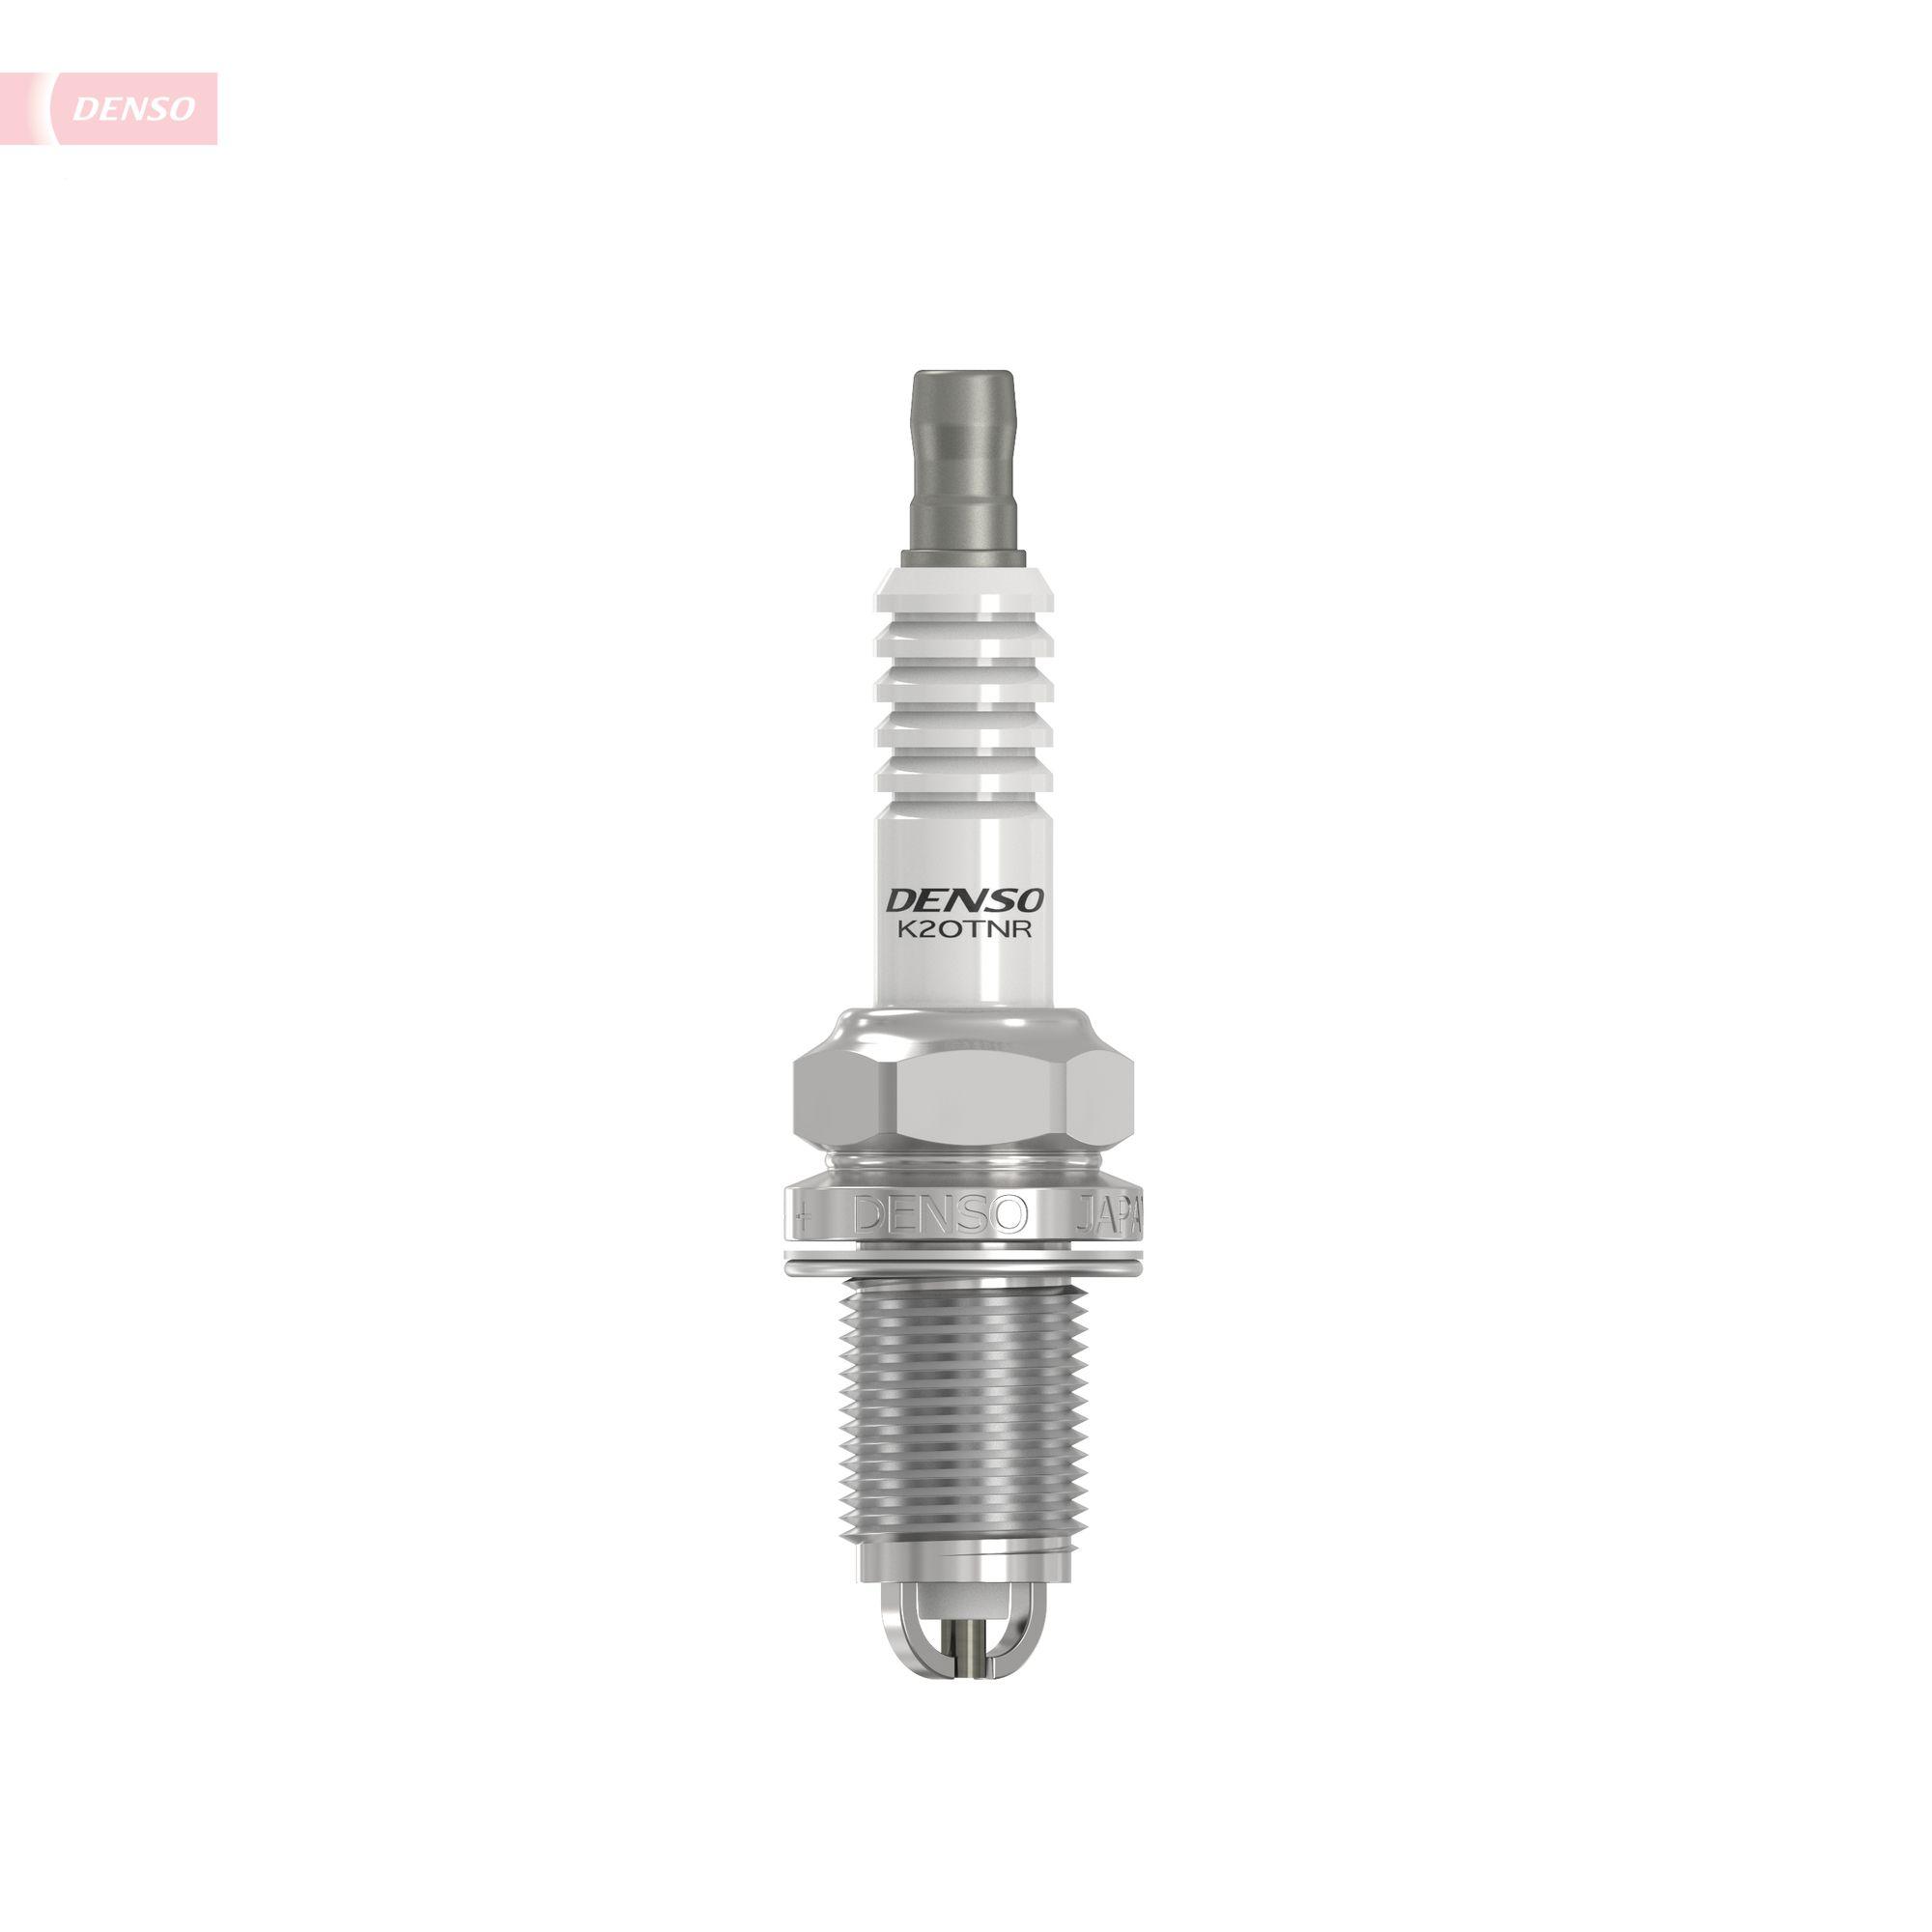 Spark Plug DENSO D112 rating